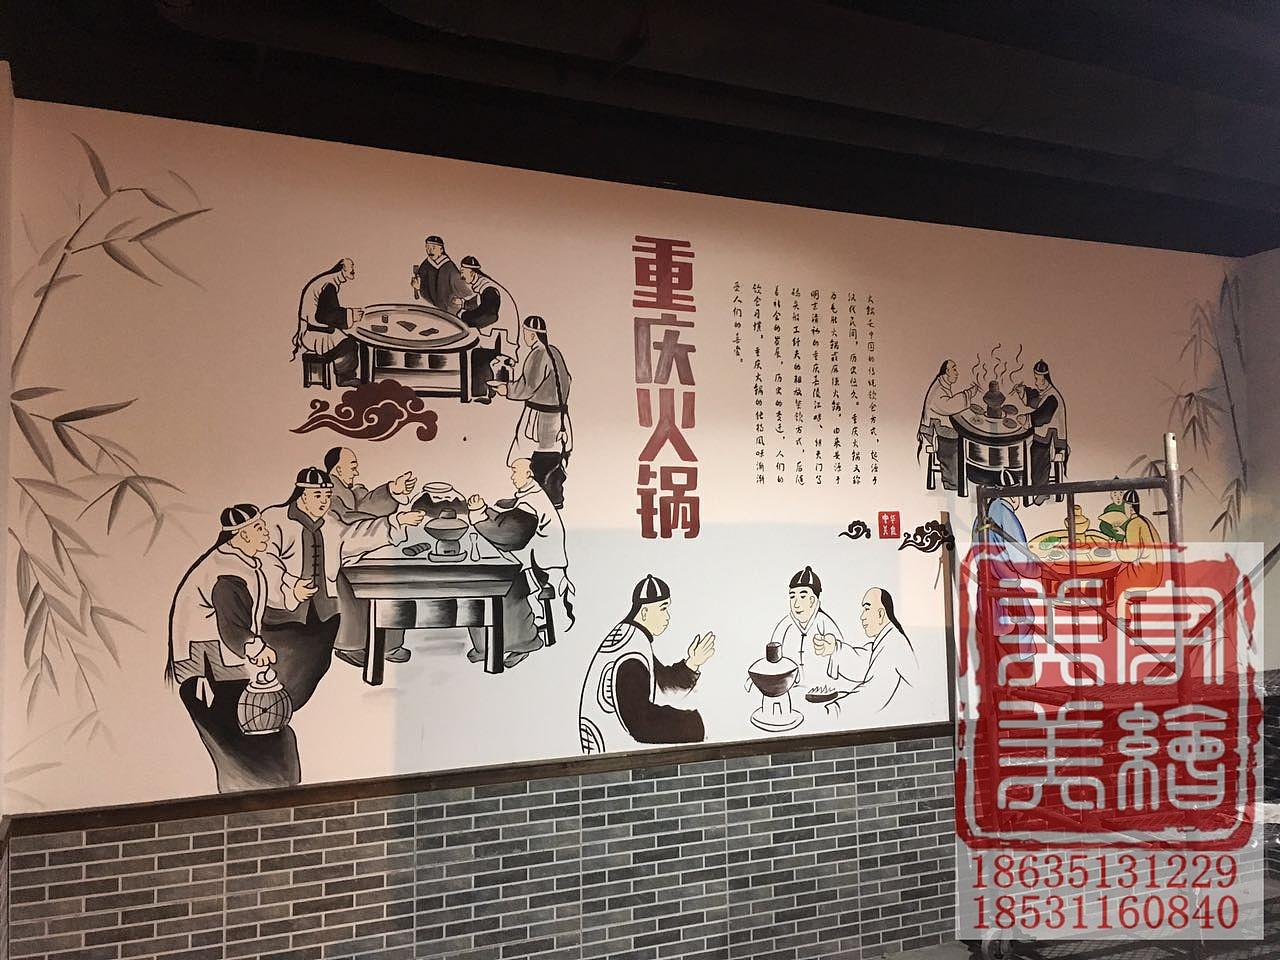 太原火锅店墙绘彩绘|插画|商业插画|太原墙绘太原手绘